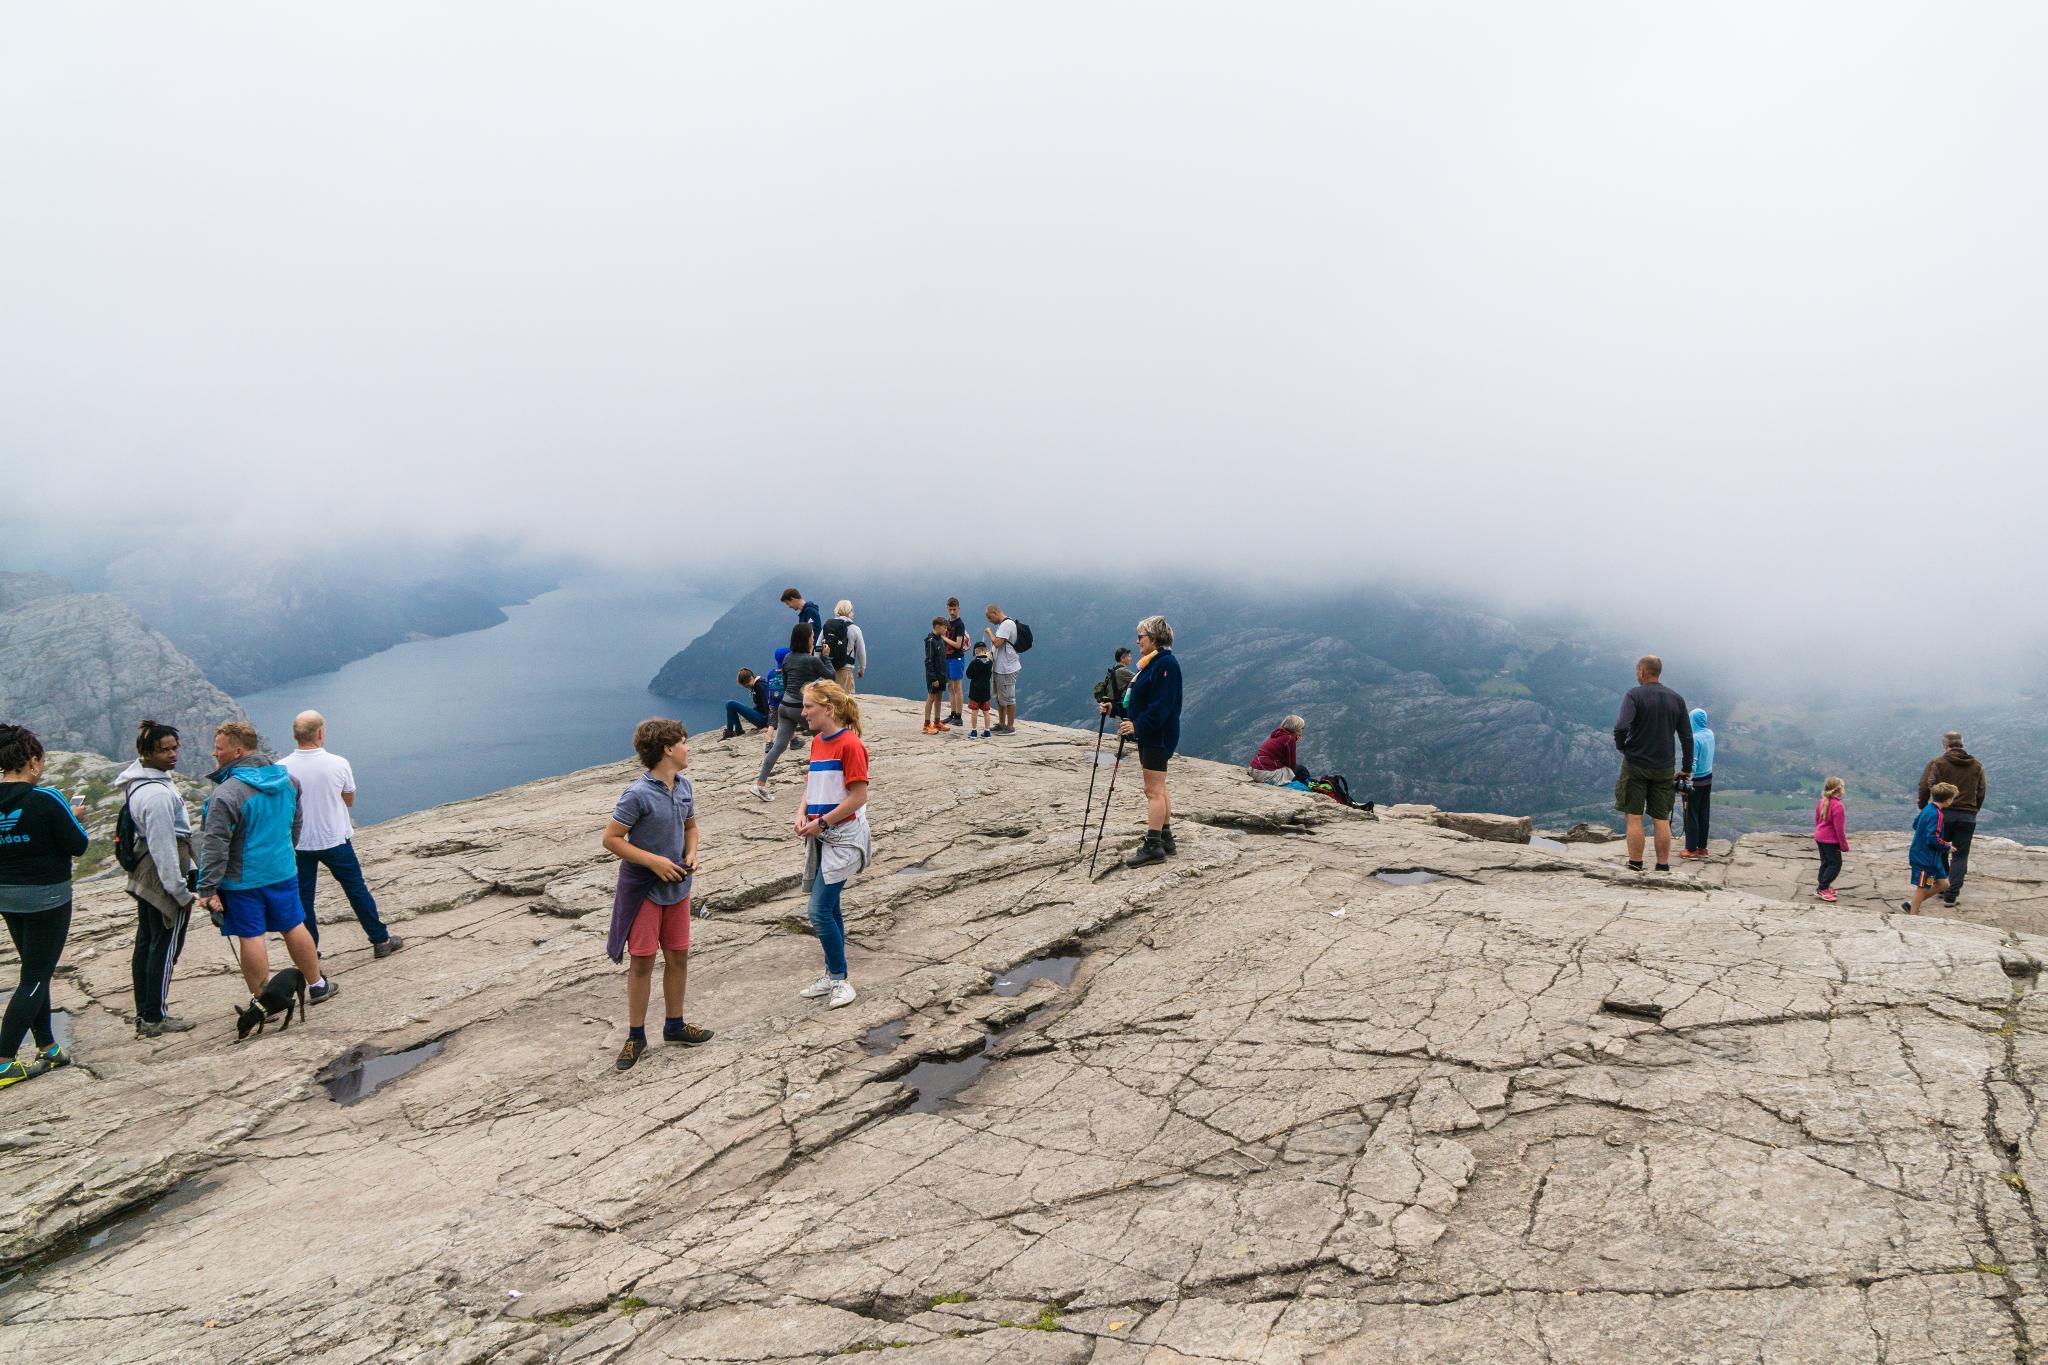 【北歐景點】朝聖挪威三大奇岩:聖壇岩Preikestolen健行紀錄 22